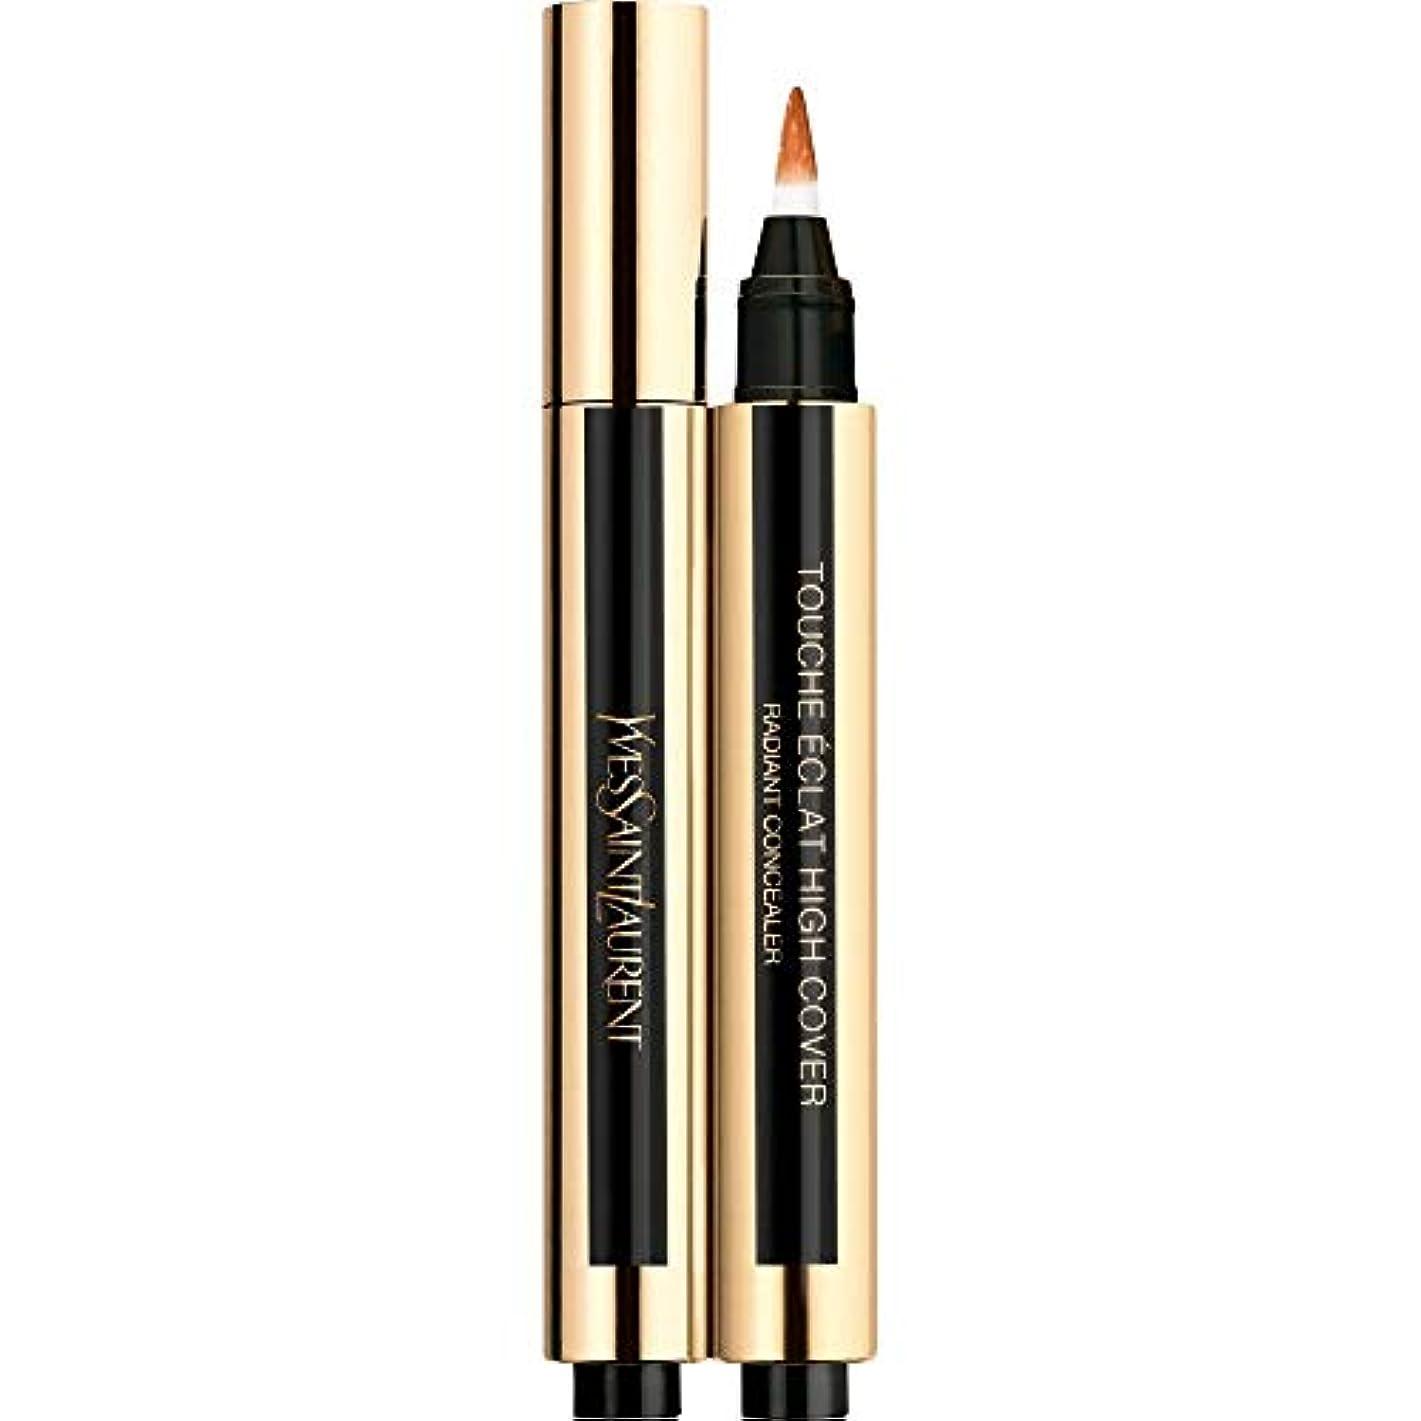 麦芽テセウス舌[Yves Saint Laurent] 6.5 2.5ミリリットルイヴ?サンローランのトウシュエクラ高いカバー放射コンシーラーペン - ヘーゼルナッツ - Yves Saint Laurent Touche Eclat High Cover Radiant Concealer Pen 2.5ml 6.5 - Hazelnut [並行輸入品]